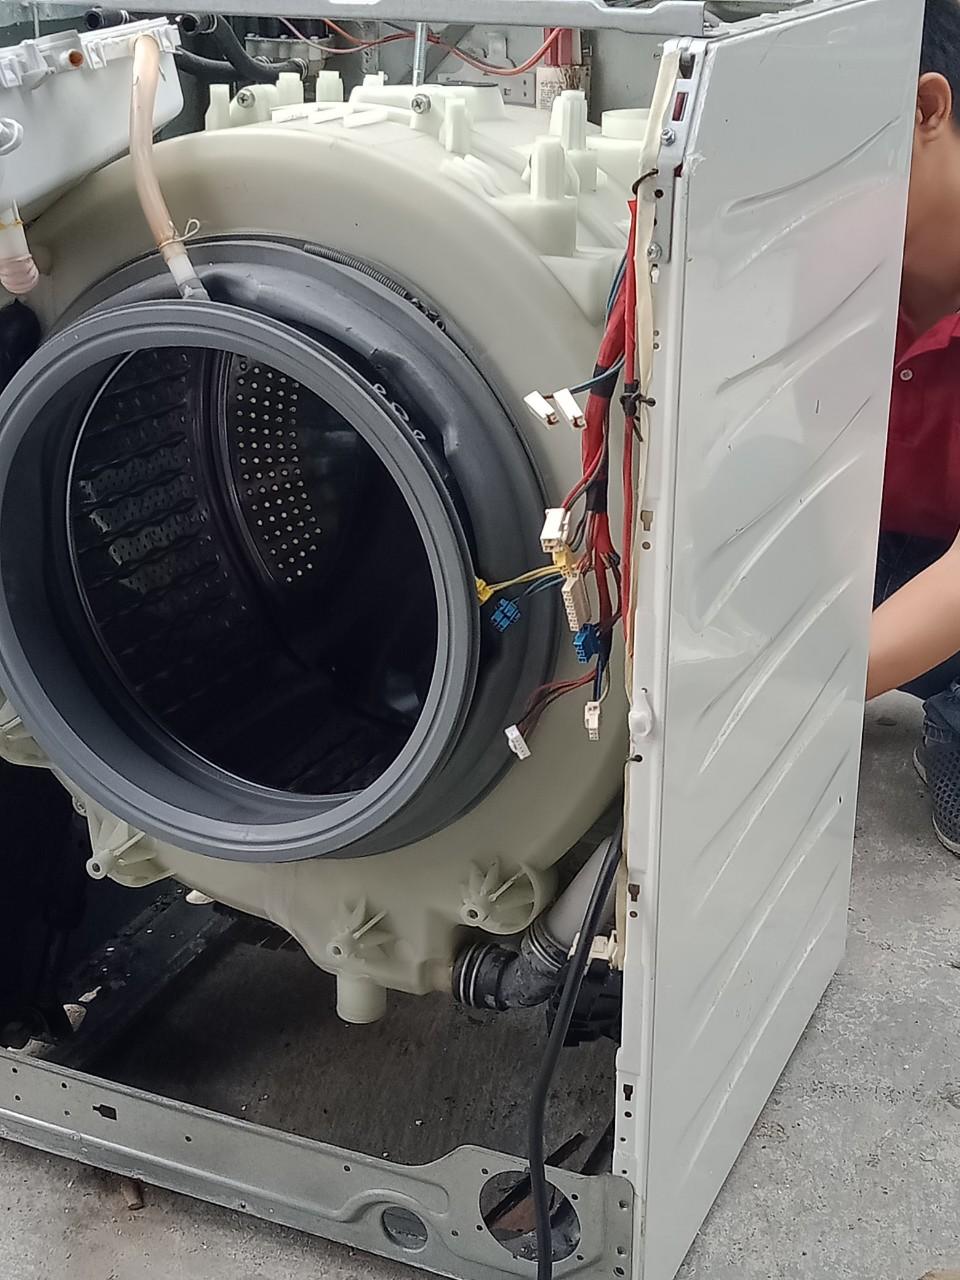 Lưu ý khi sử dụng và bảo dưỡng vệ sinh máy giặt